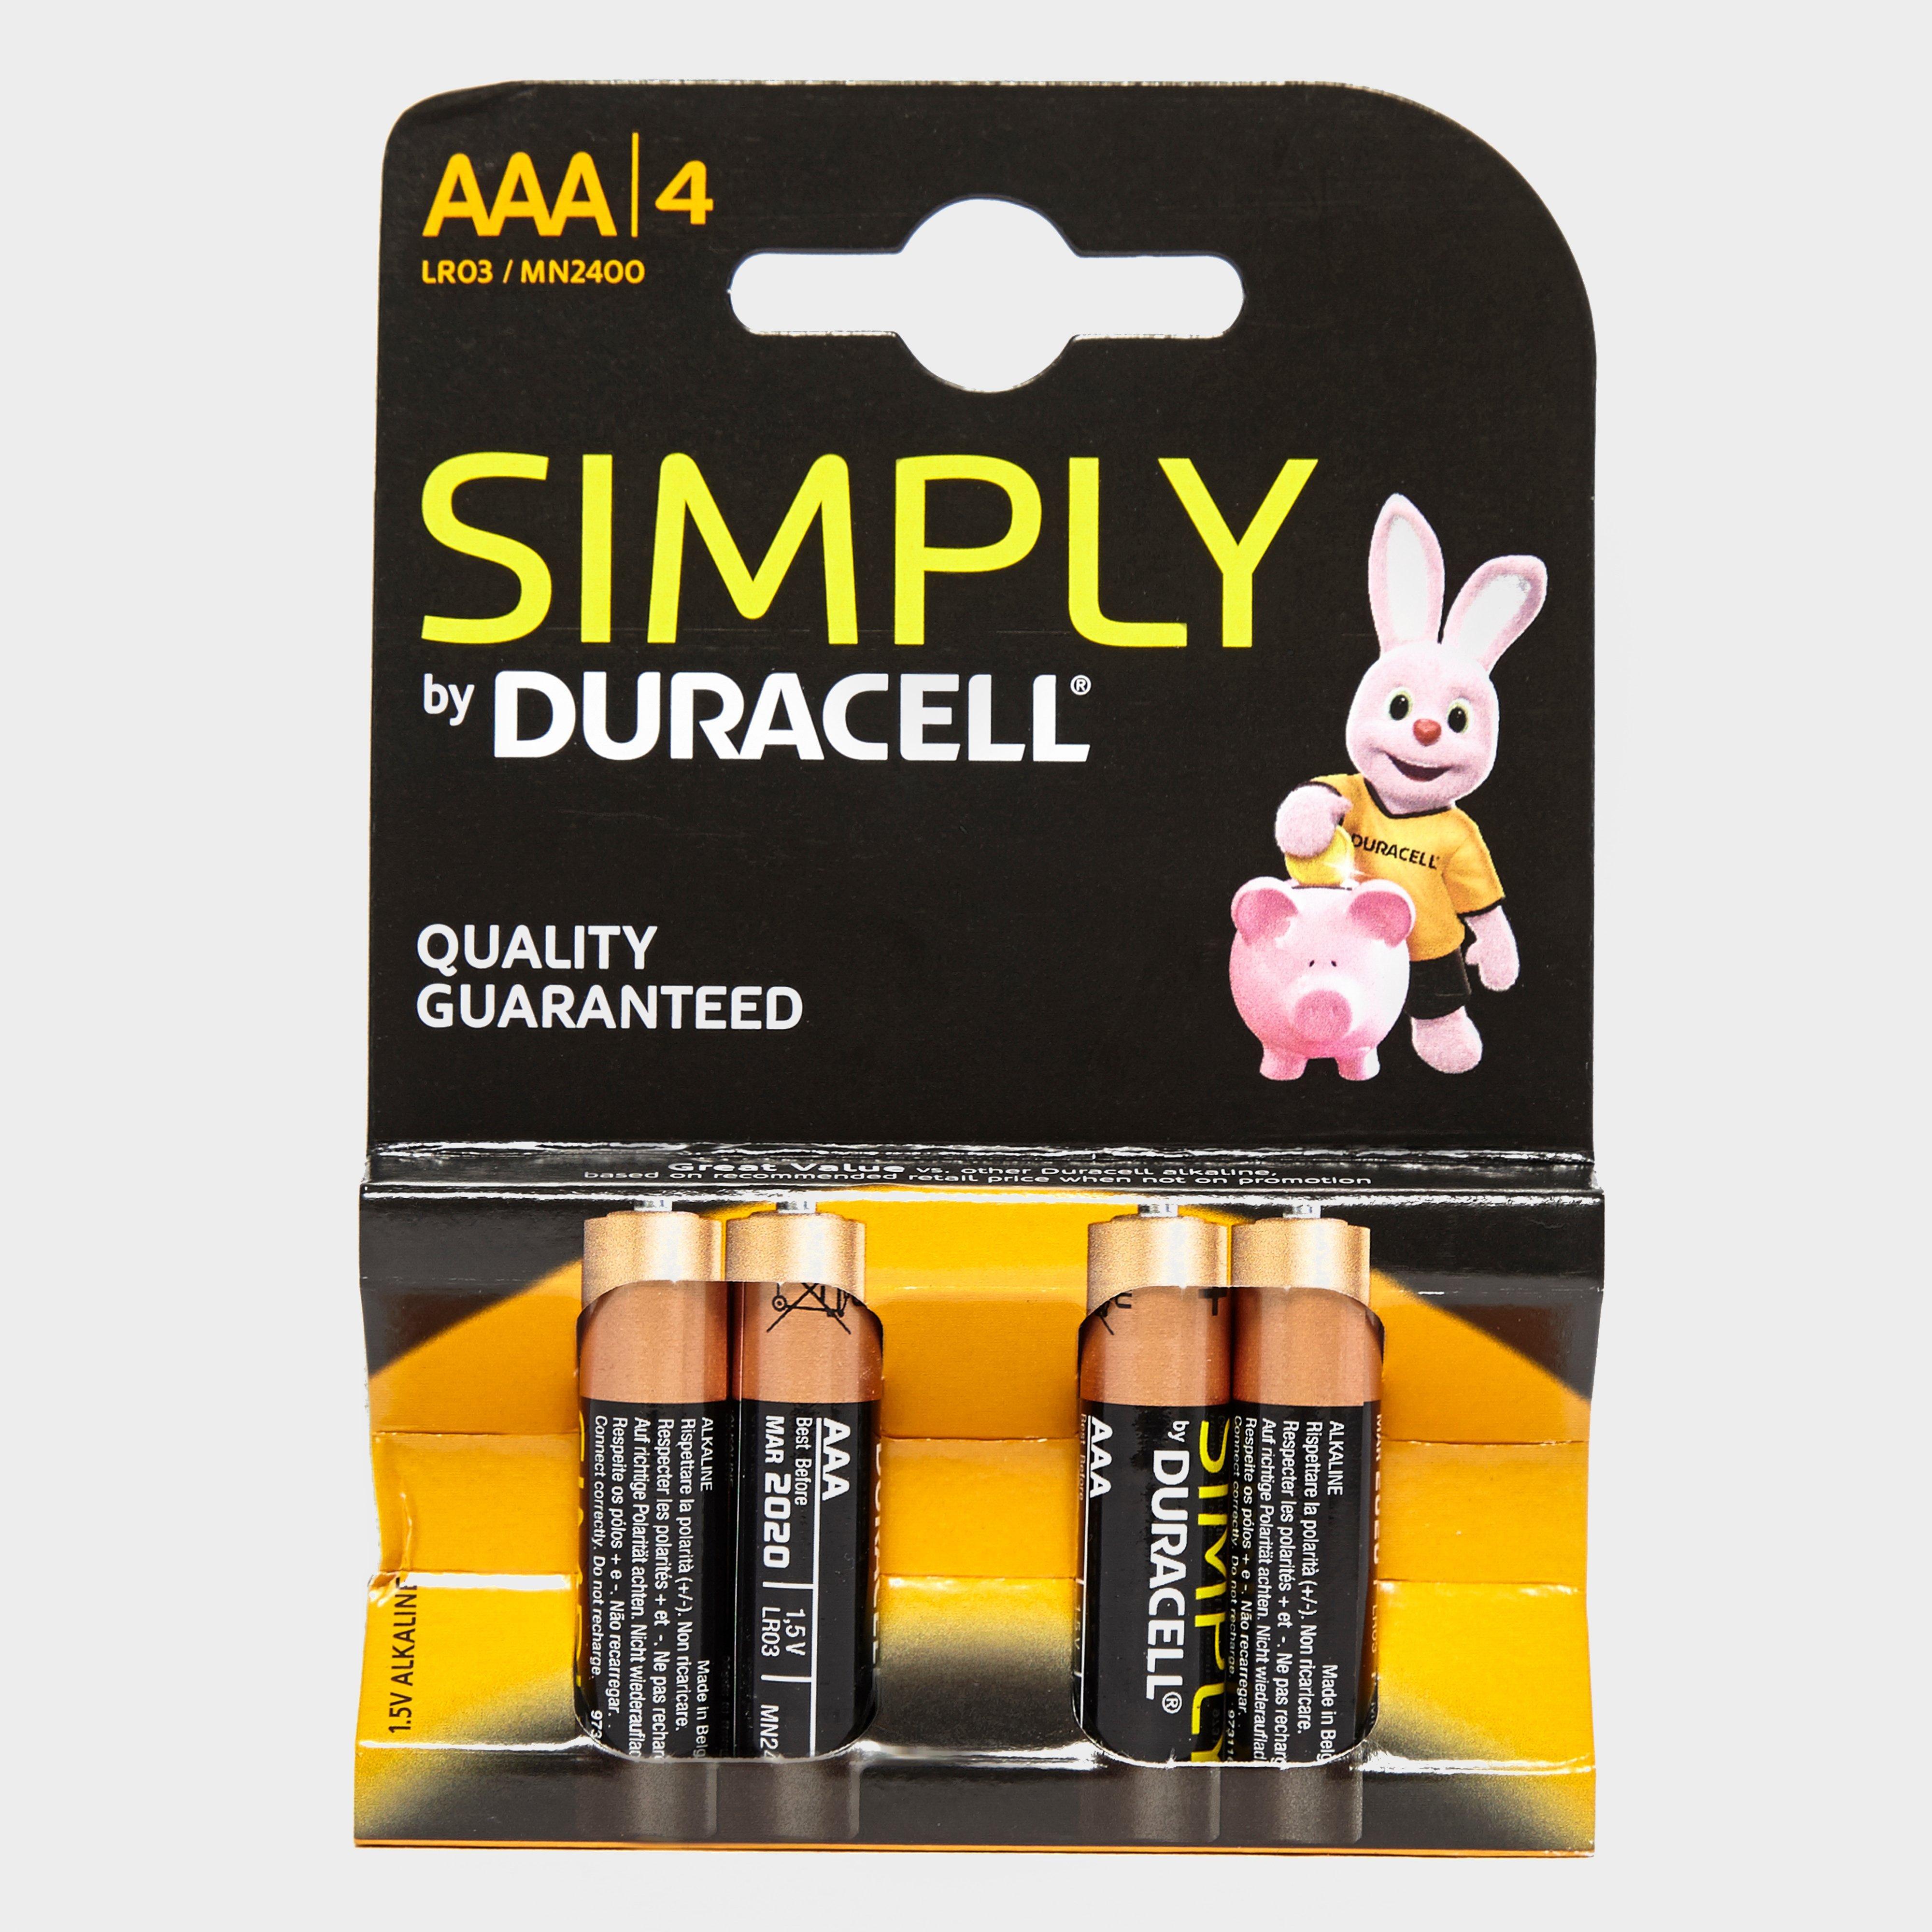 Duracell AAA Batteries, Multi/2400